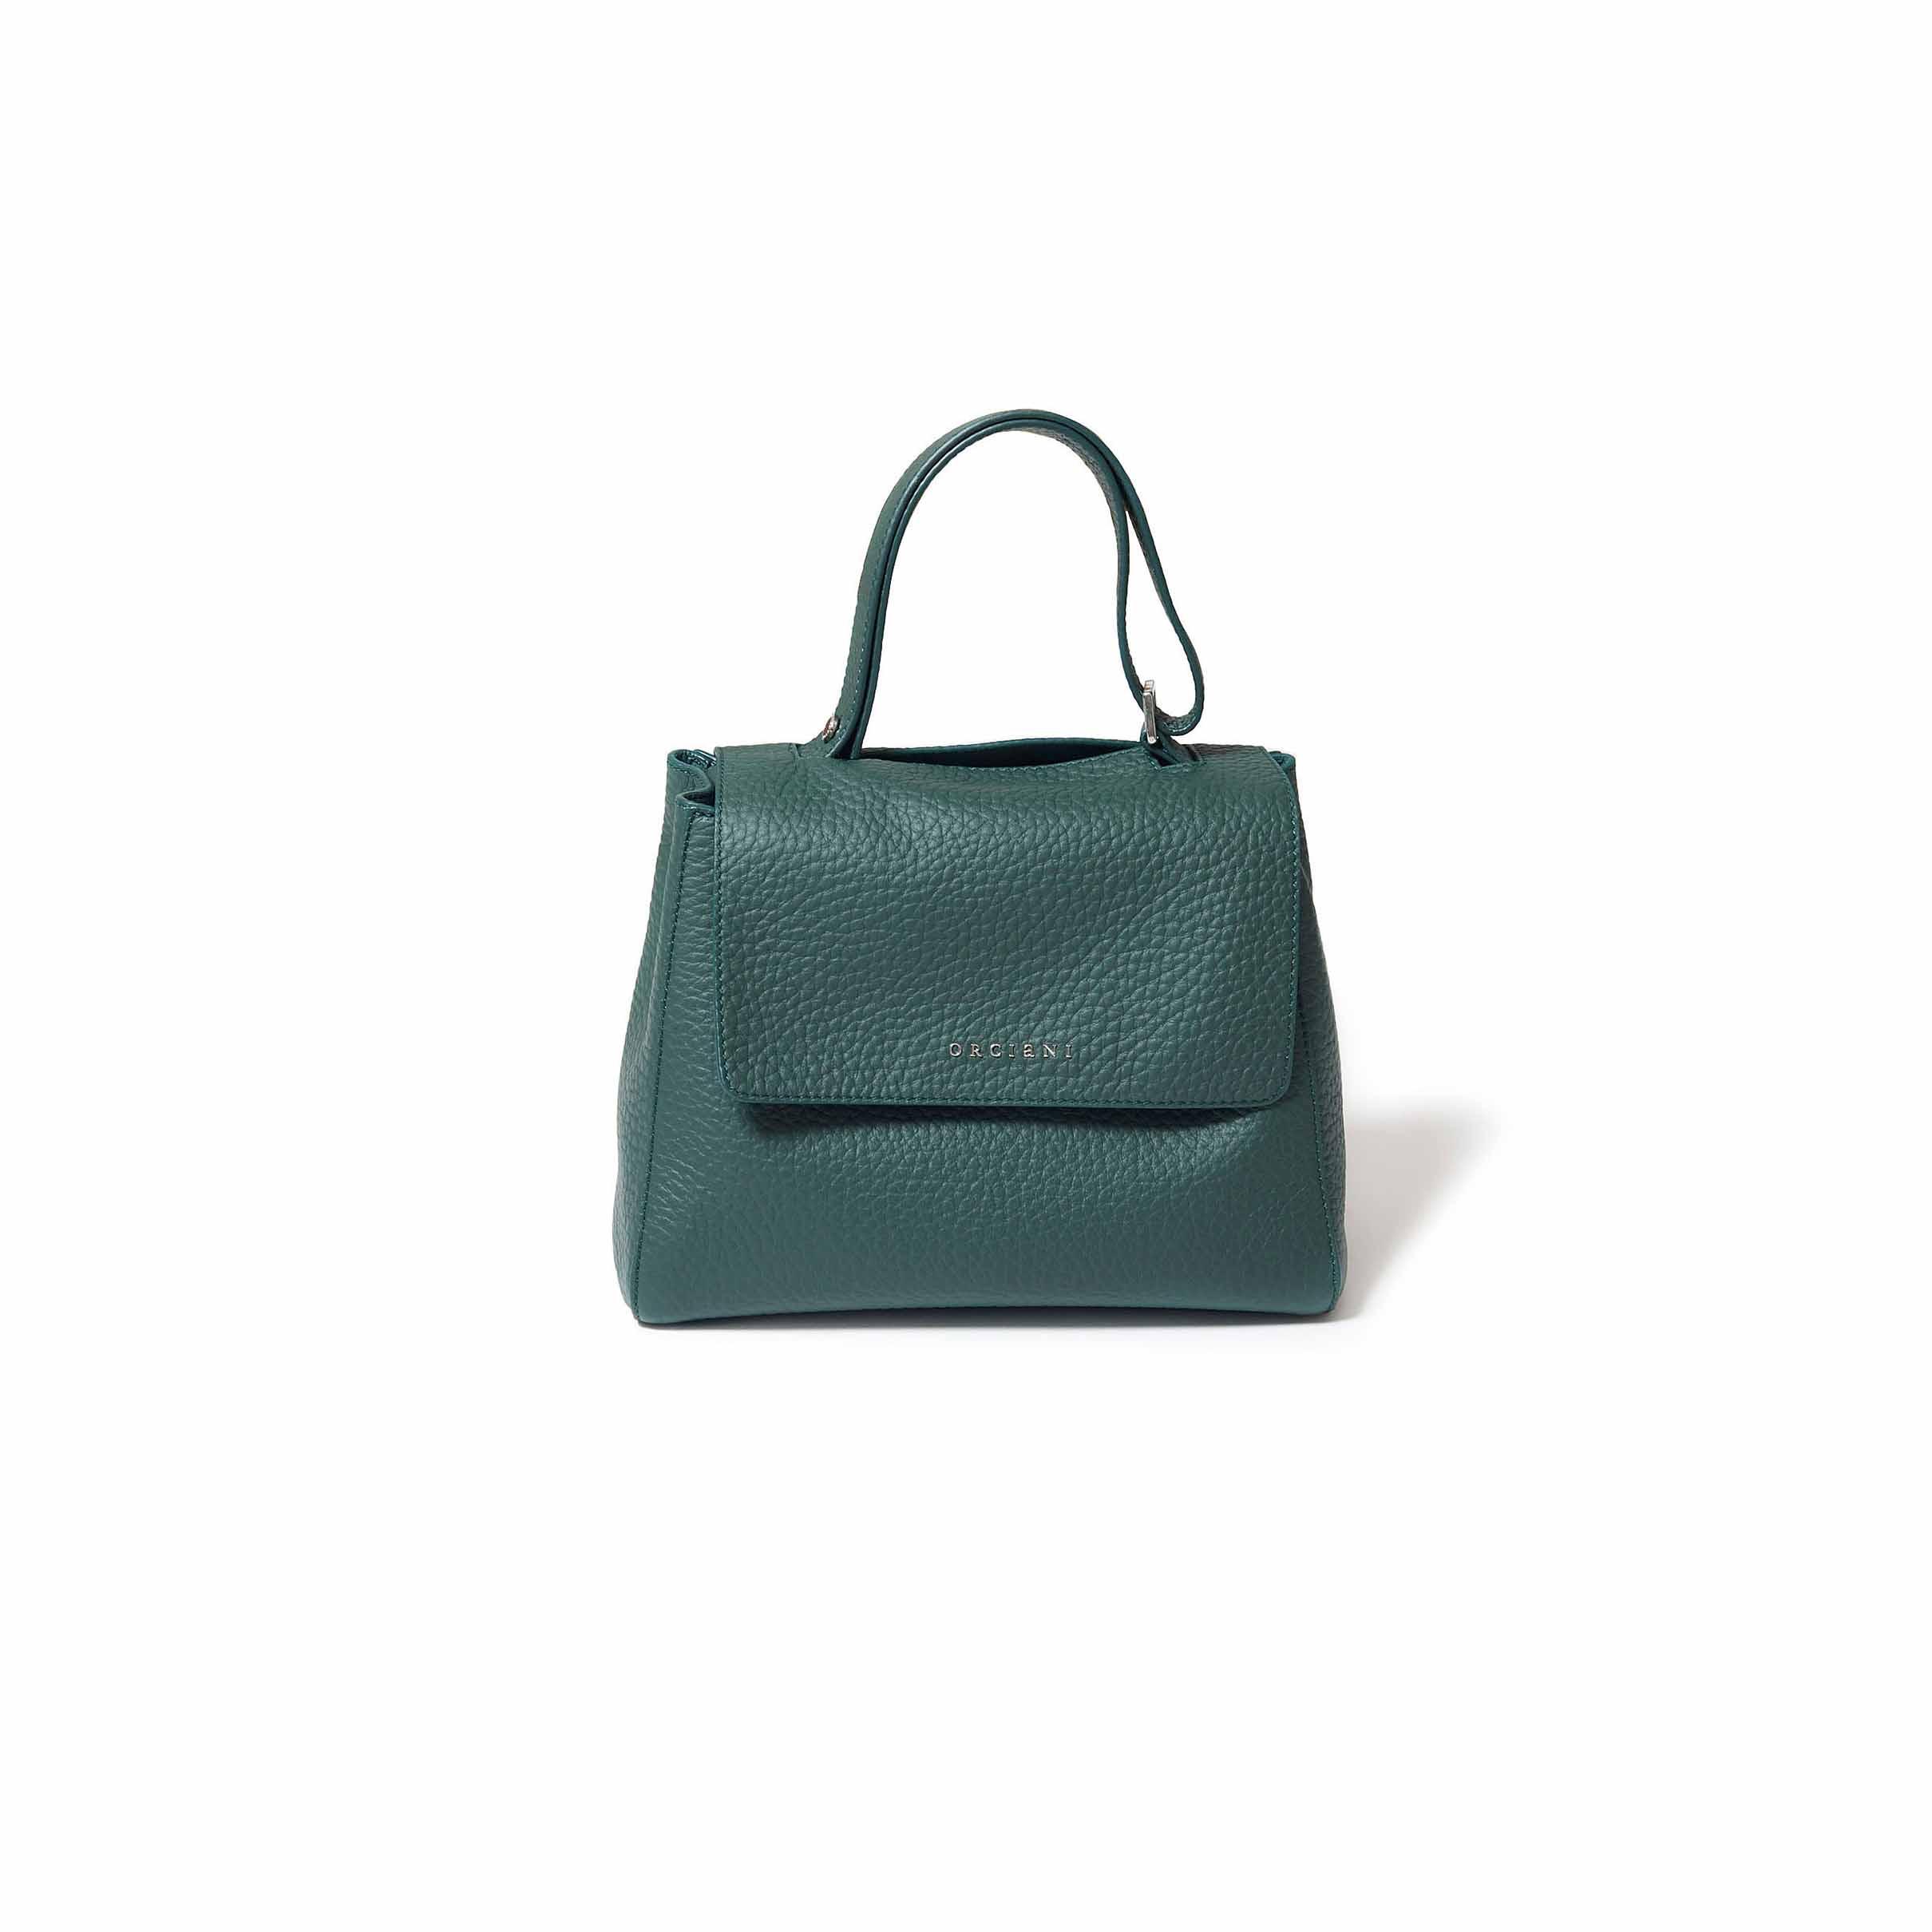 シンプルさが魅力のハンドバッグ